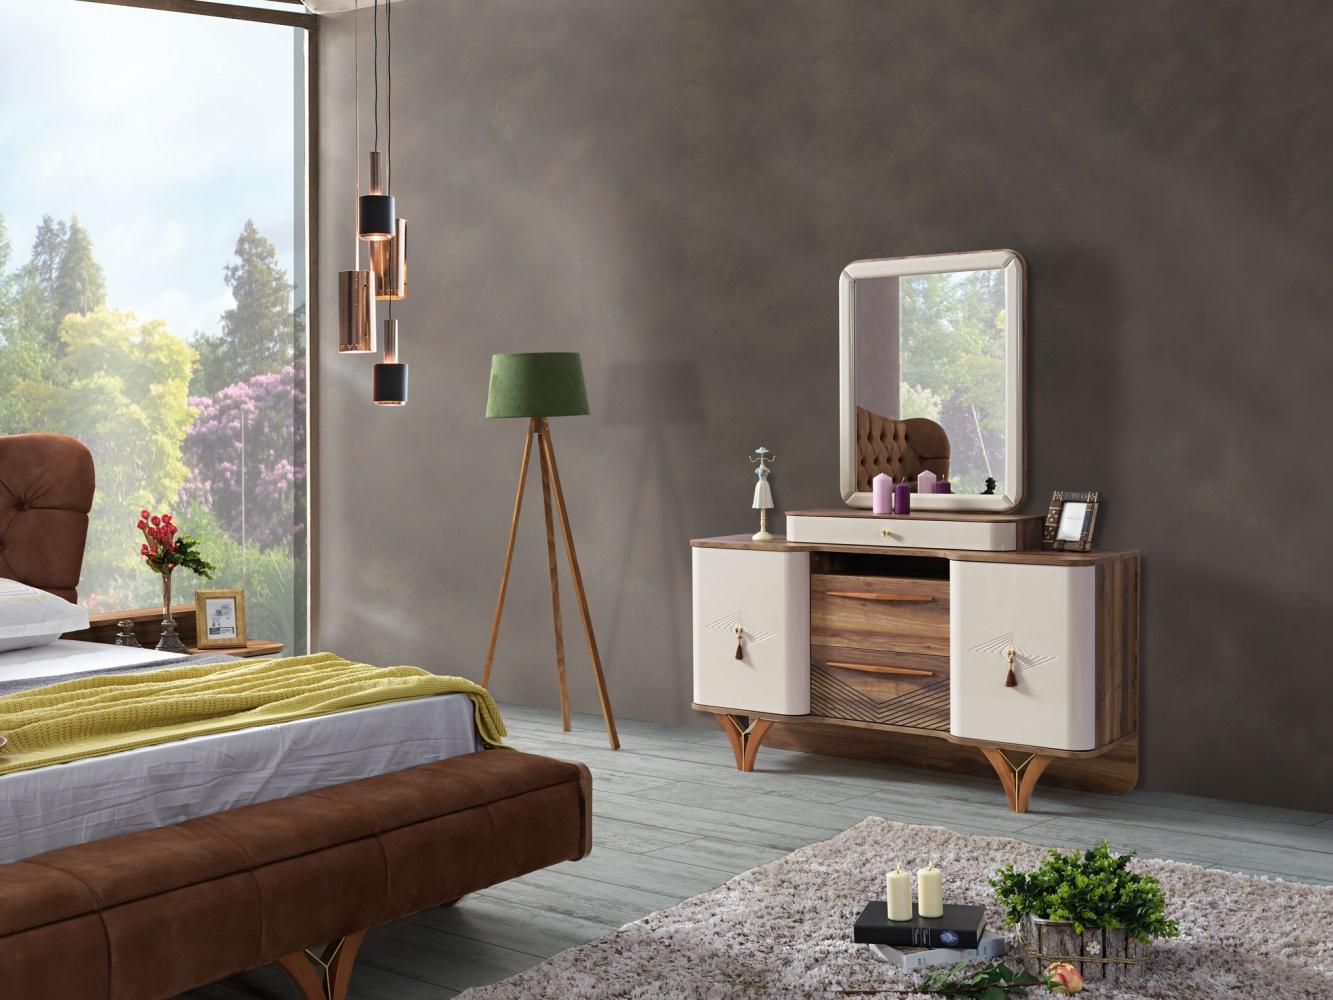 Kommode Mit Spiegel Panama Mit Massivholz Fussen Kaufen Bei Mobel Lux